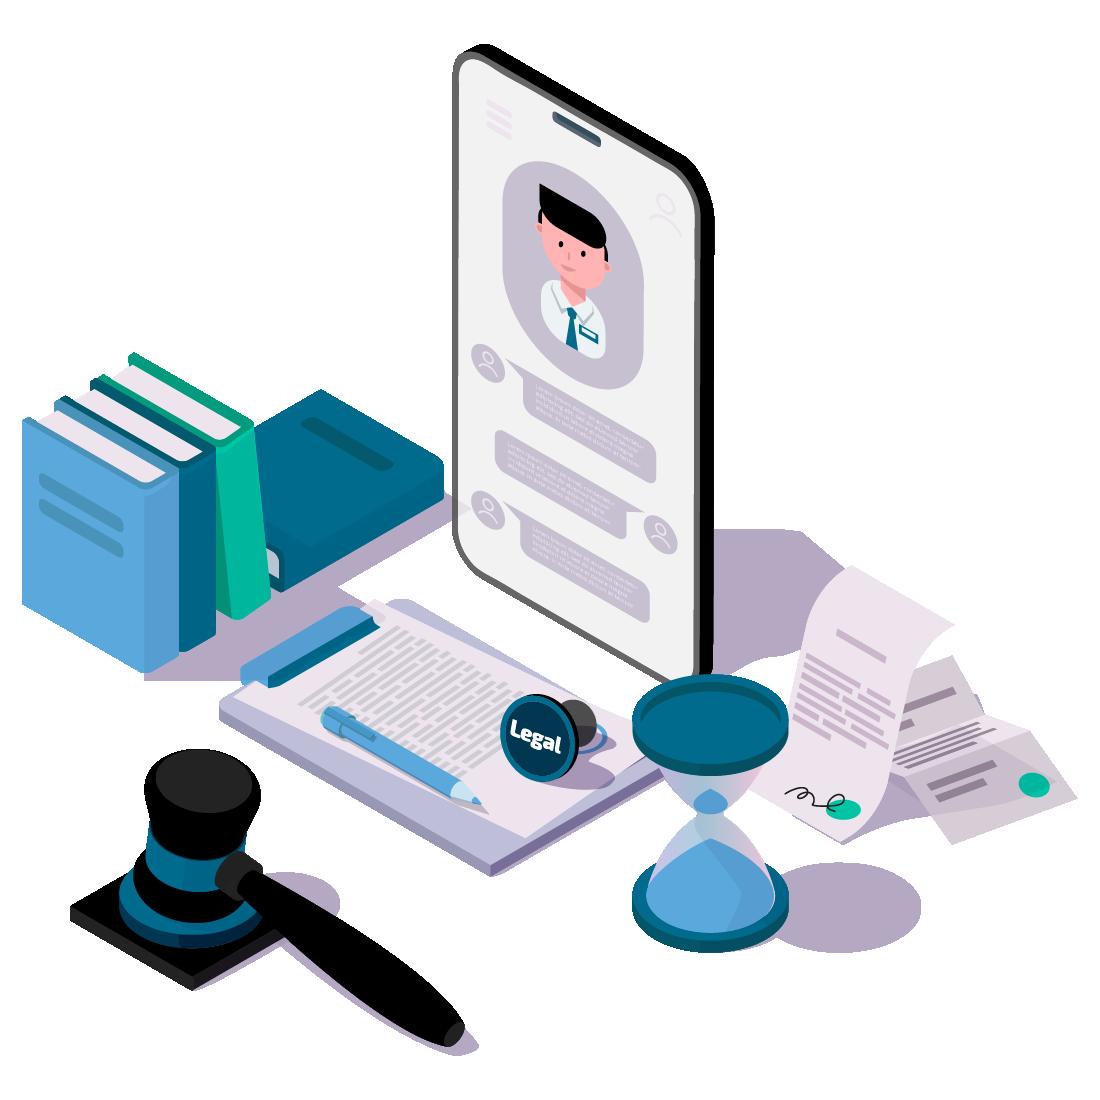 compliances management system